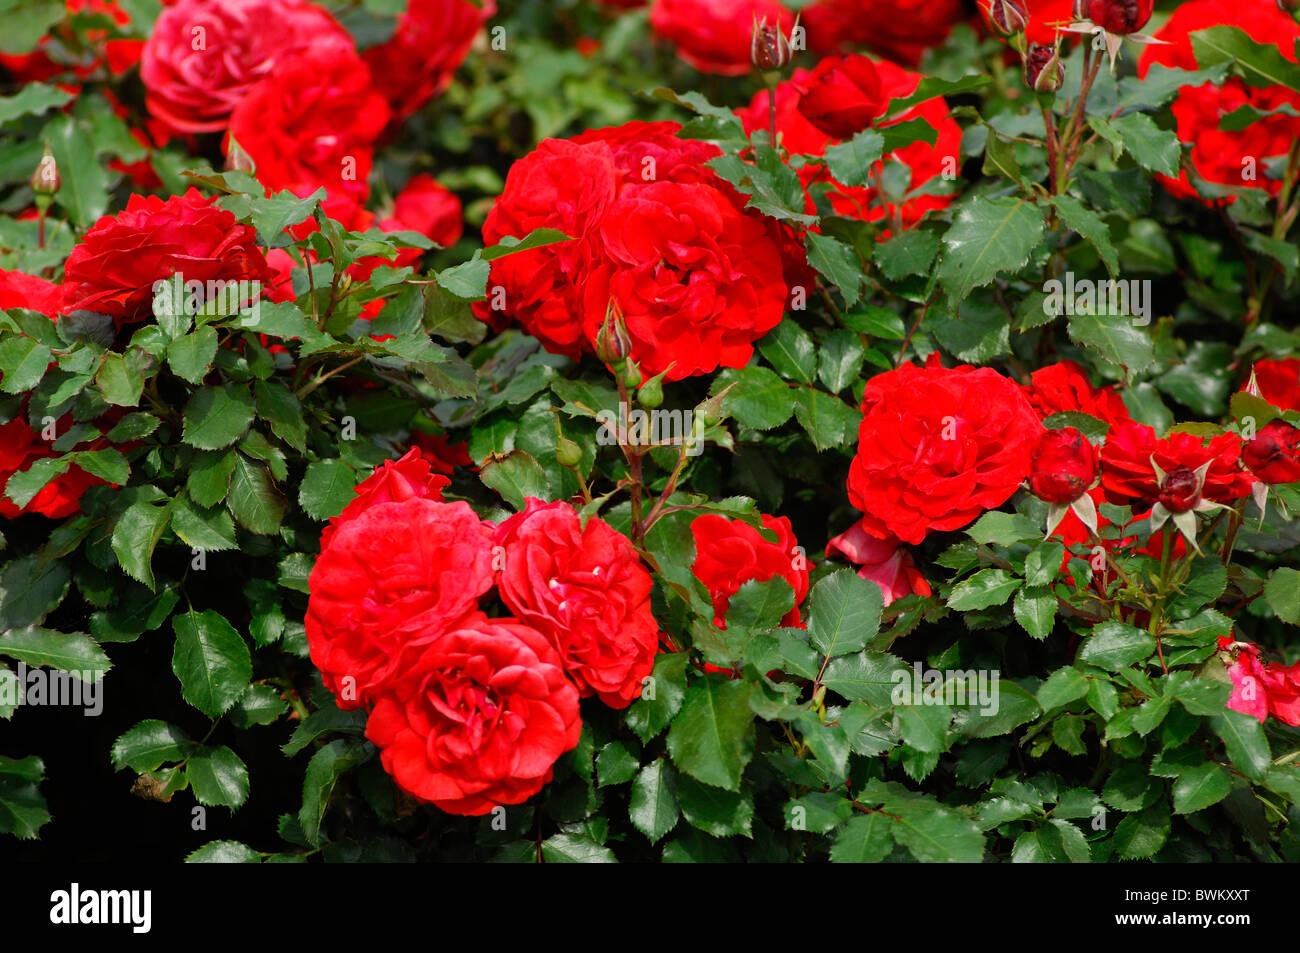 Roses In Garden: Red Roses UK London Queen Mary Garden Regent Park Great